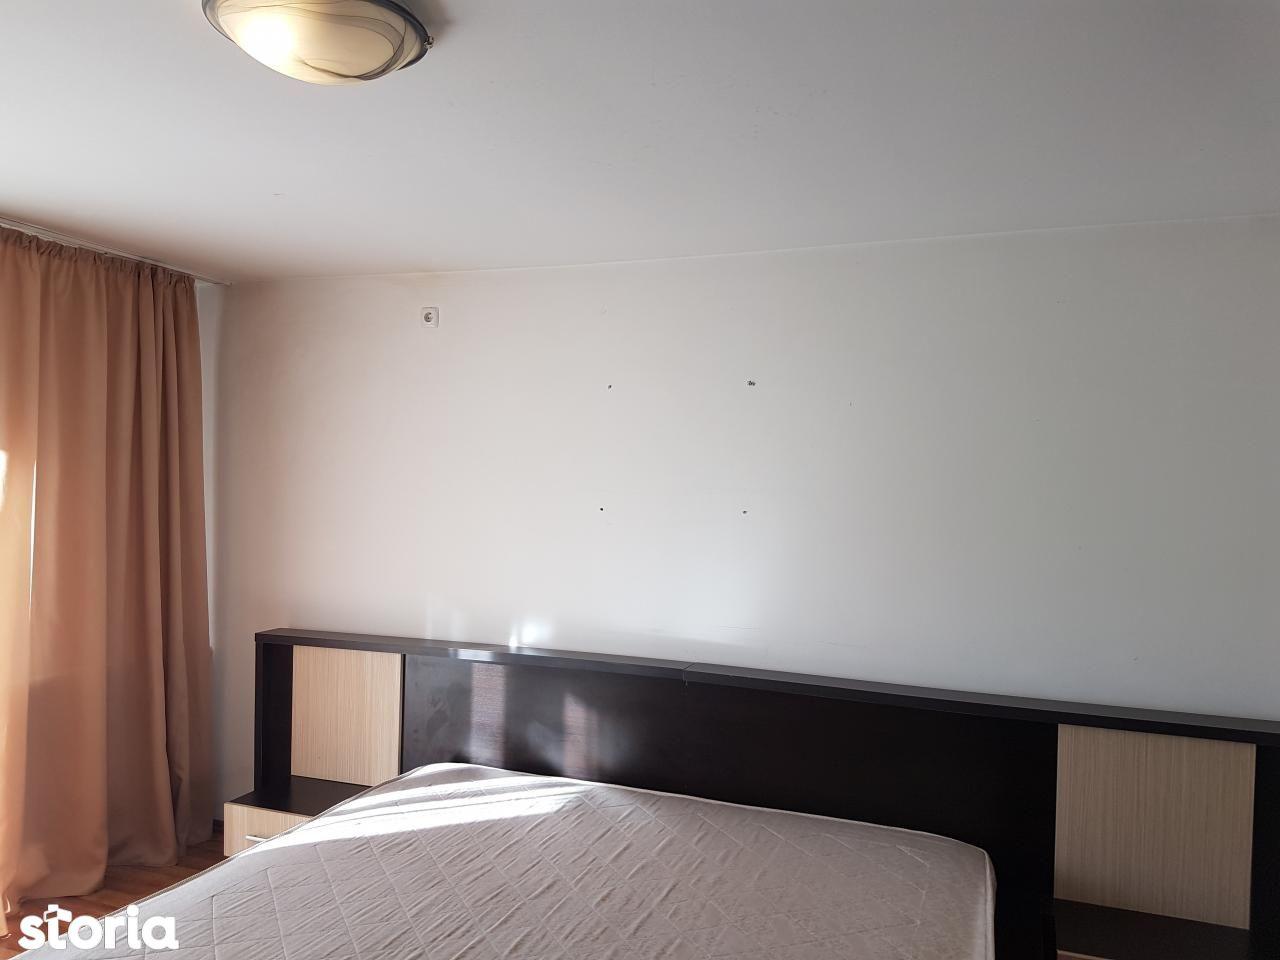 Apartament de vanzare, Oradea, Bihor, Lotus - Foto 7